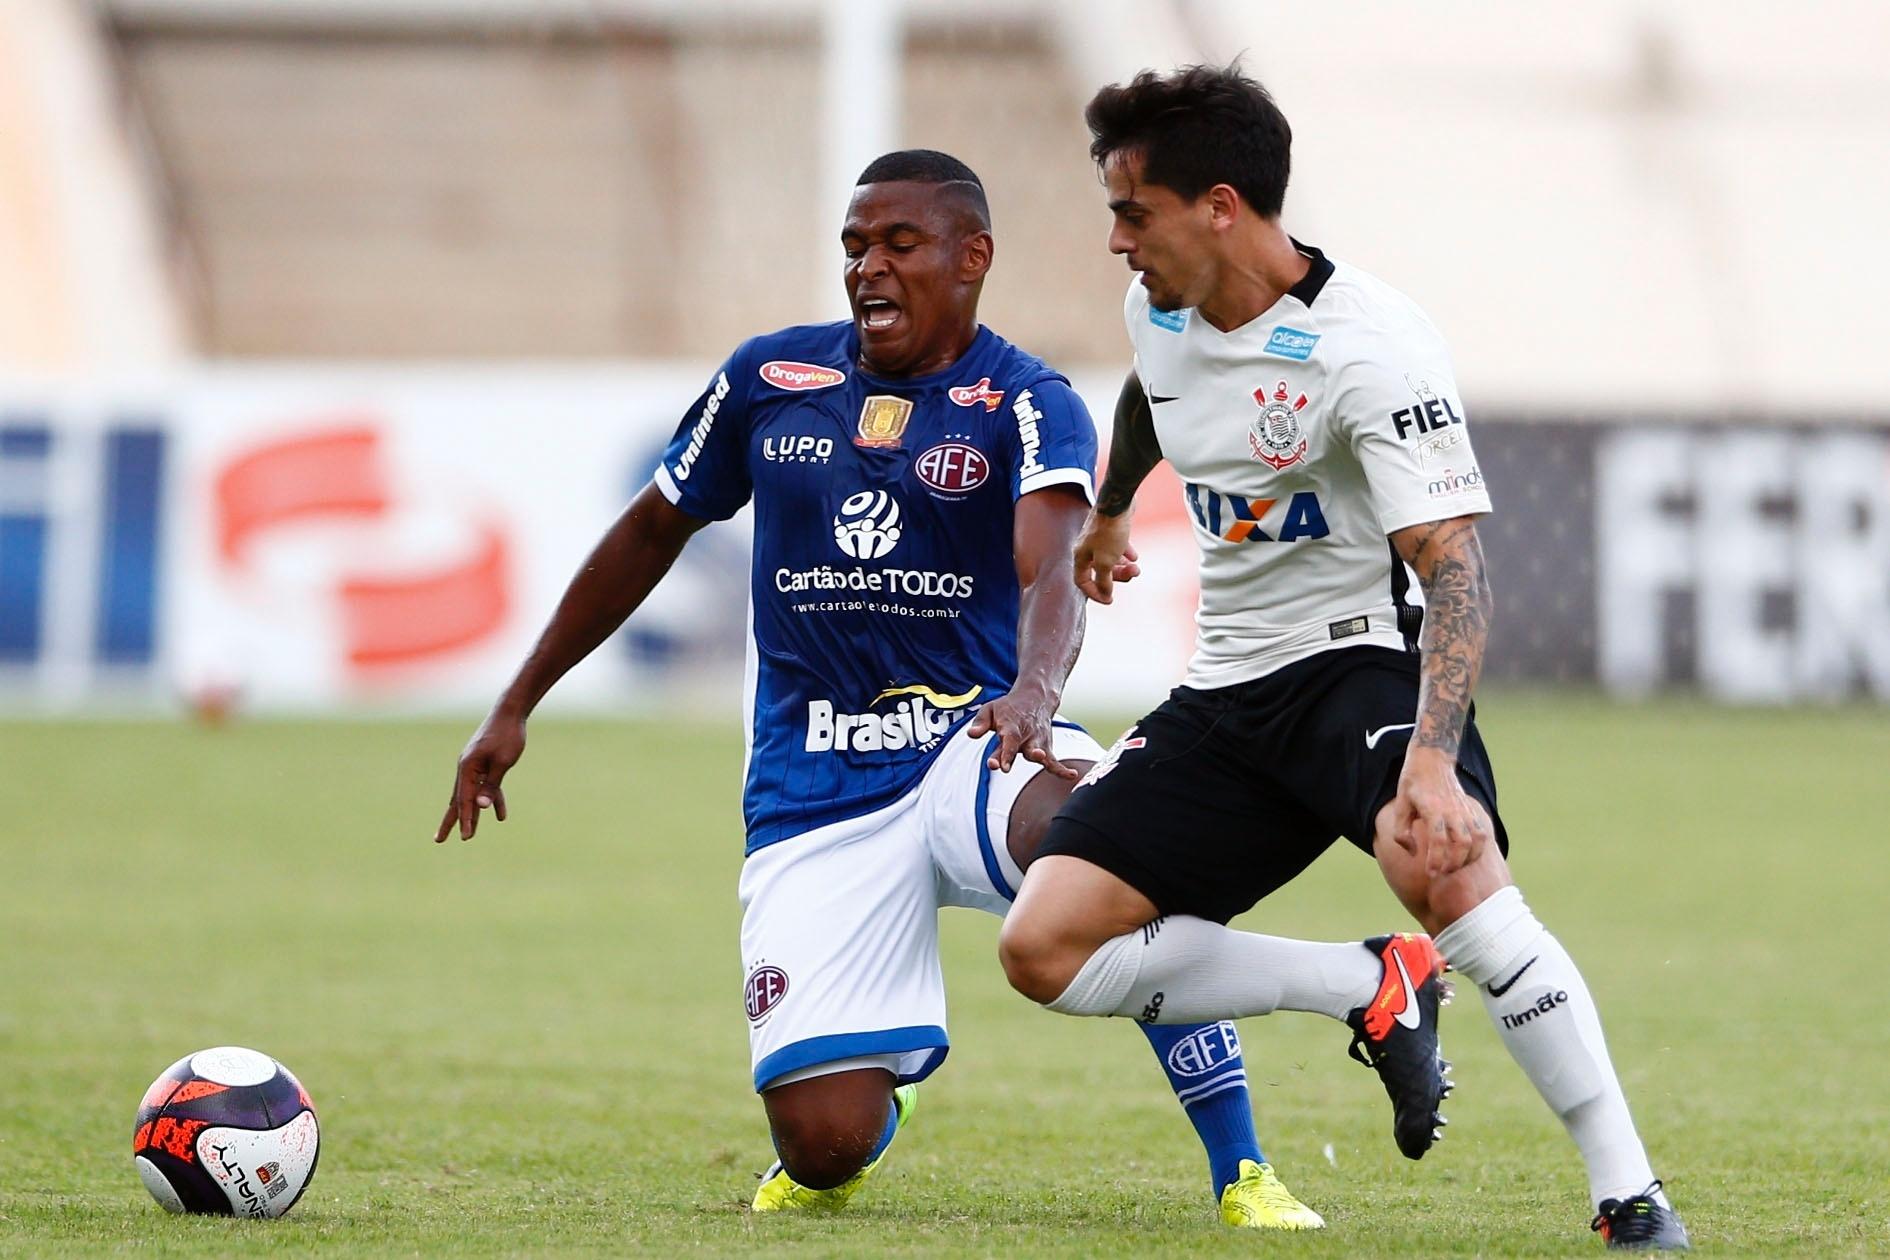 Com pênalti polêmico, Corinthians perde e vê fim de série invicta - Esporte  - BOL 55df098303